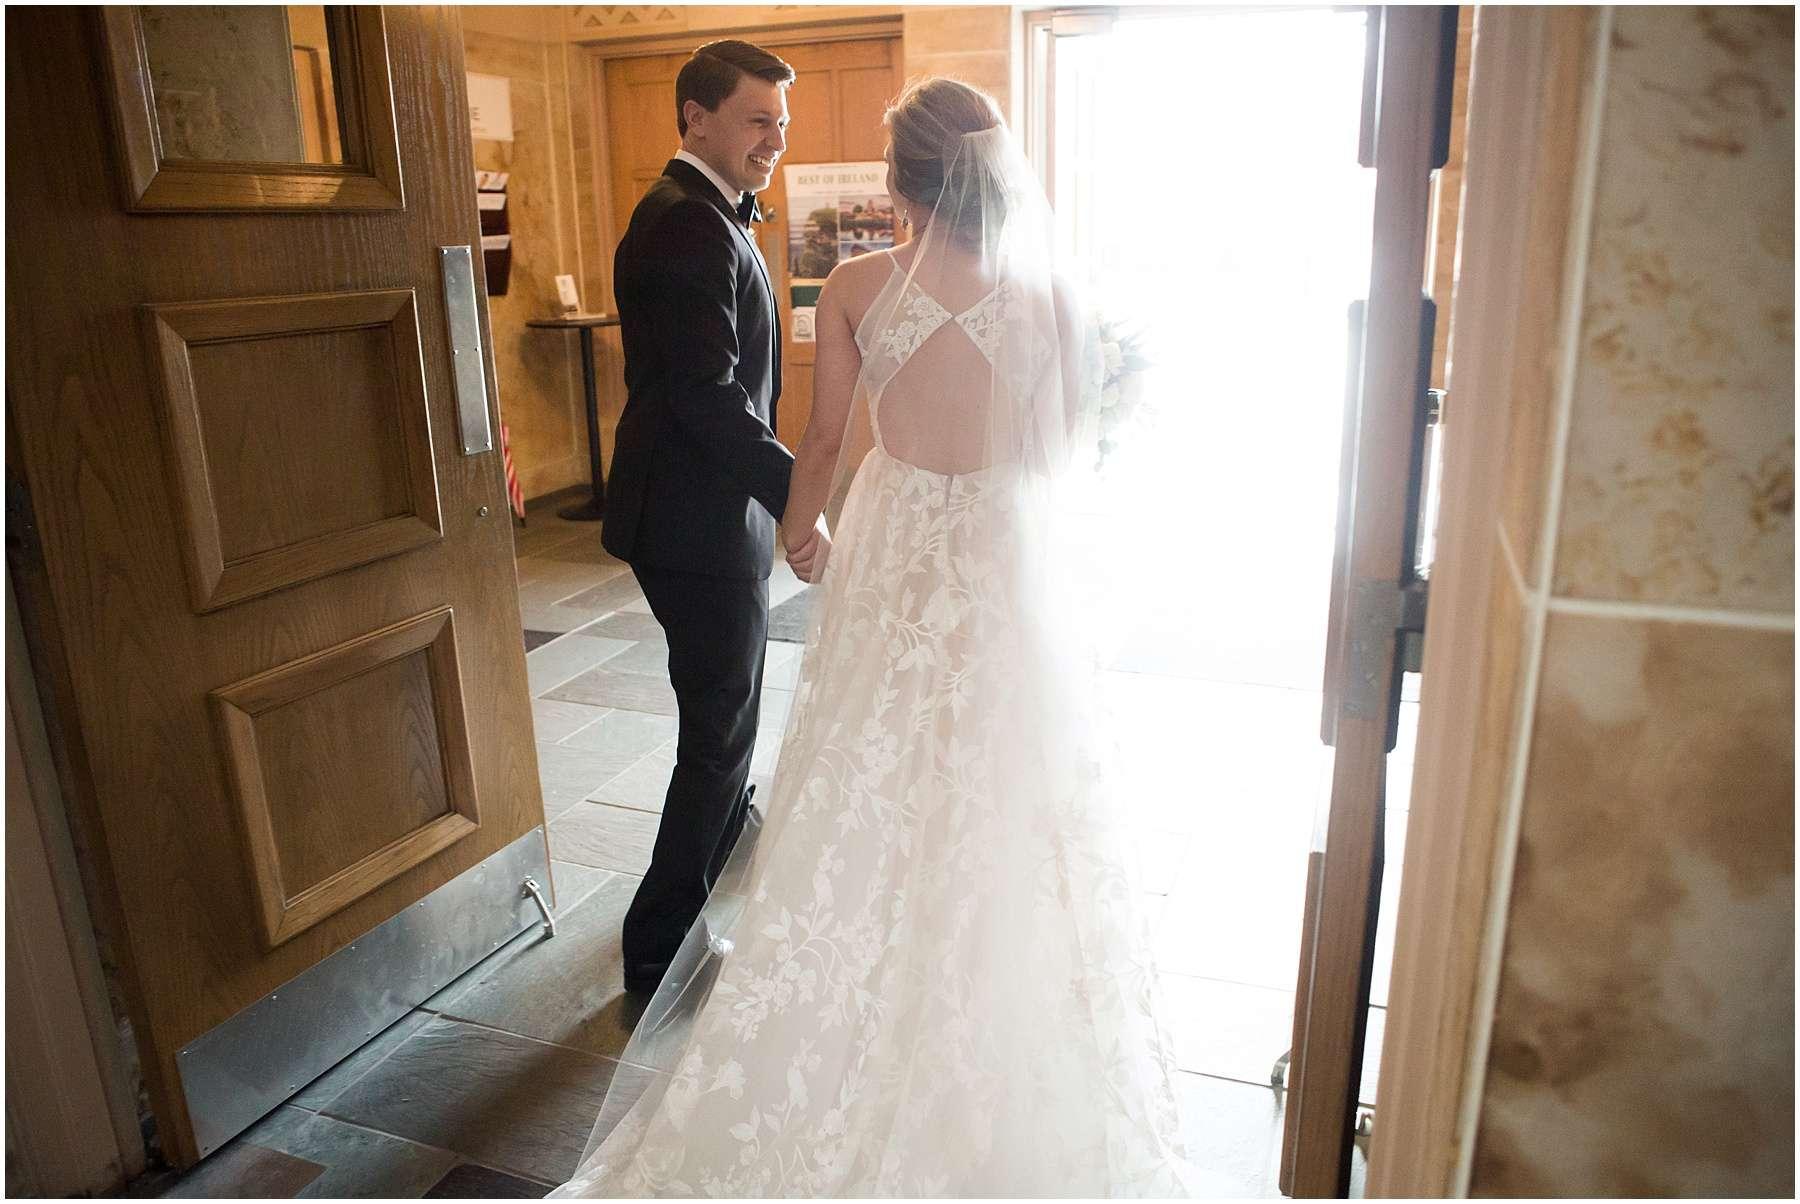 Wedding at the Ohio Statehouse | Columbus Ohio Weddings 118